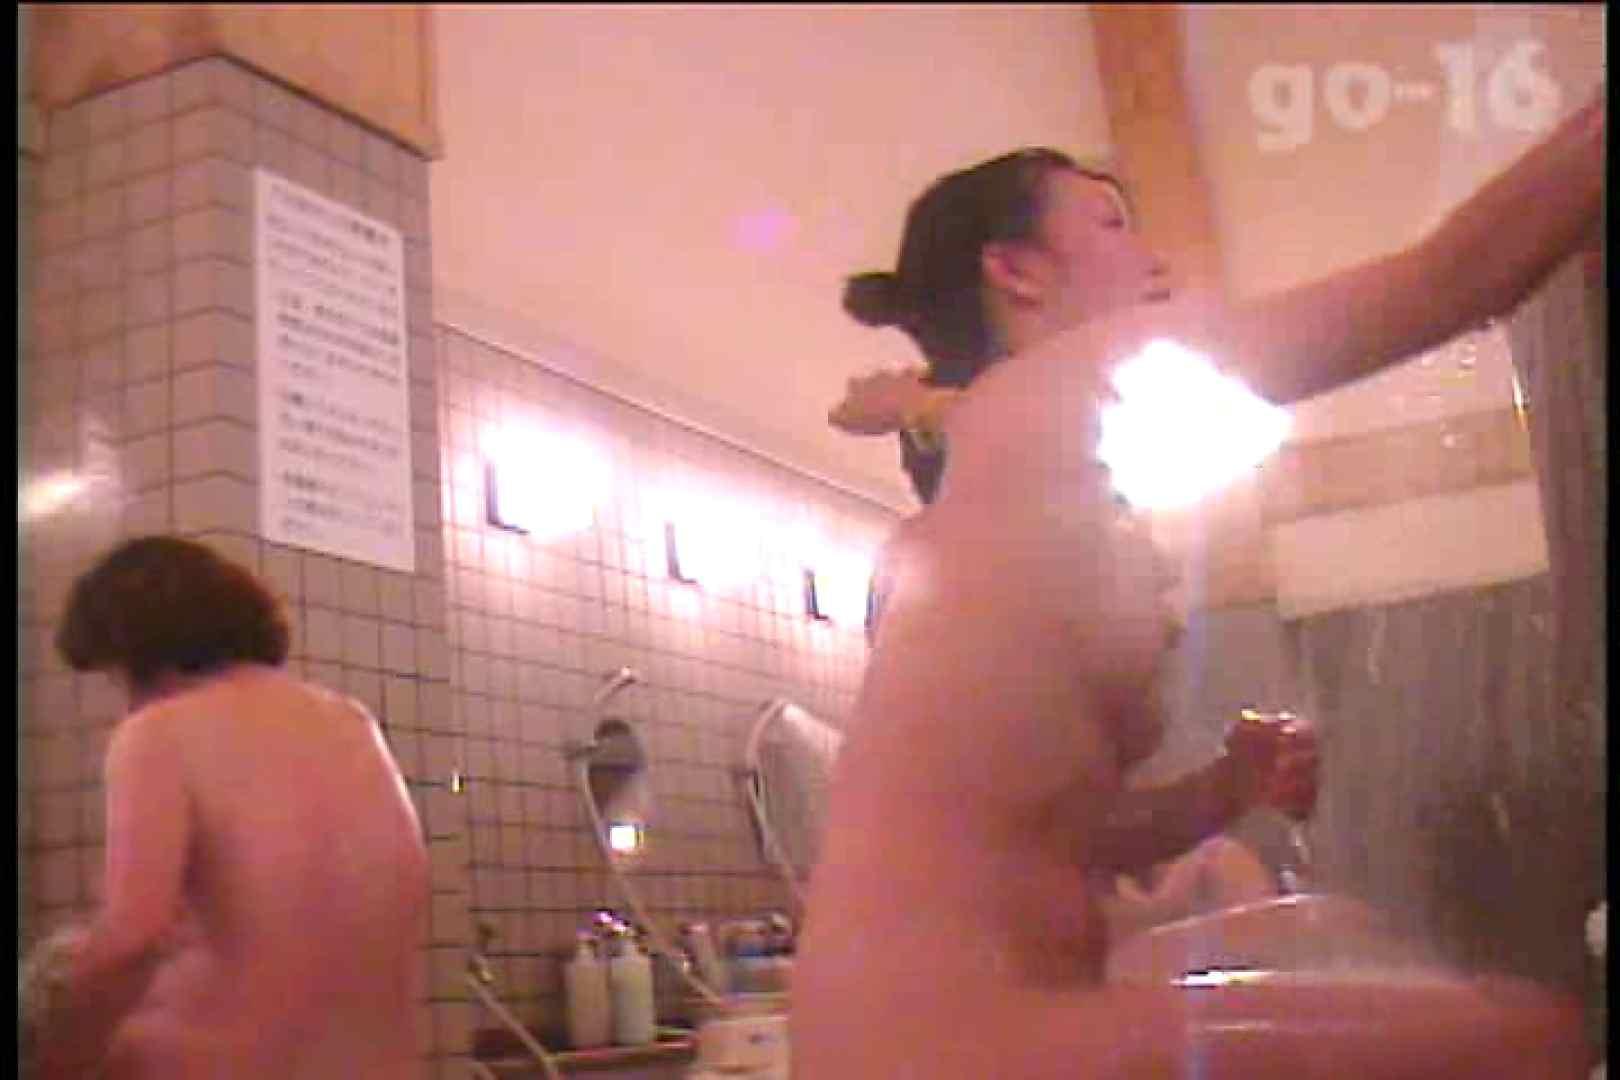 電波カメラ設置浴場からの防HAN映像 Vol.16 色っぽいOL達 ヌード画像 77pic 65